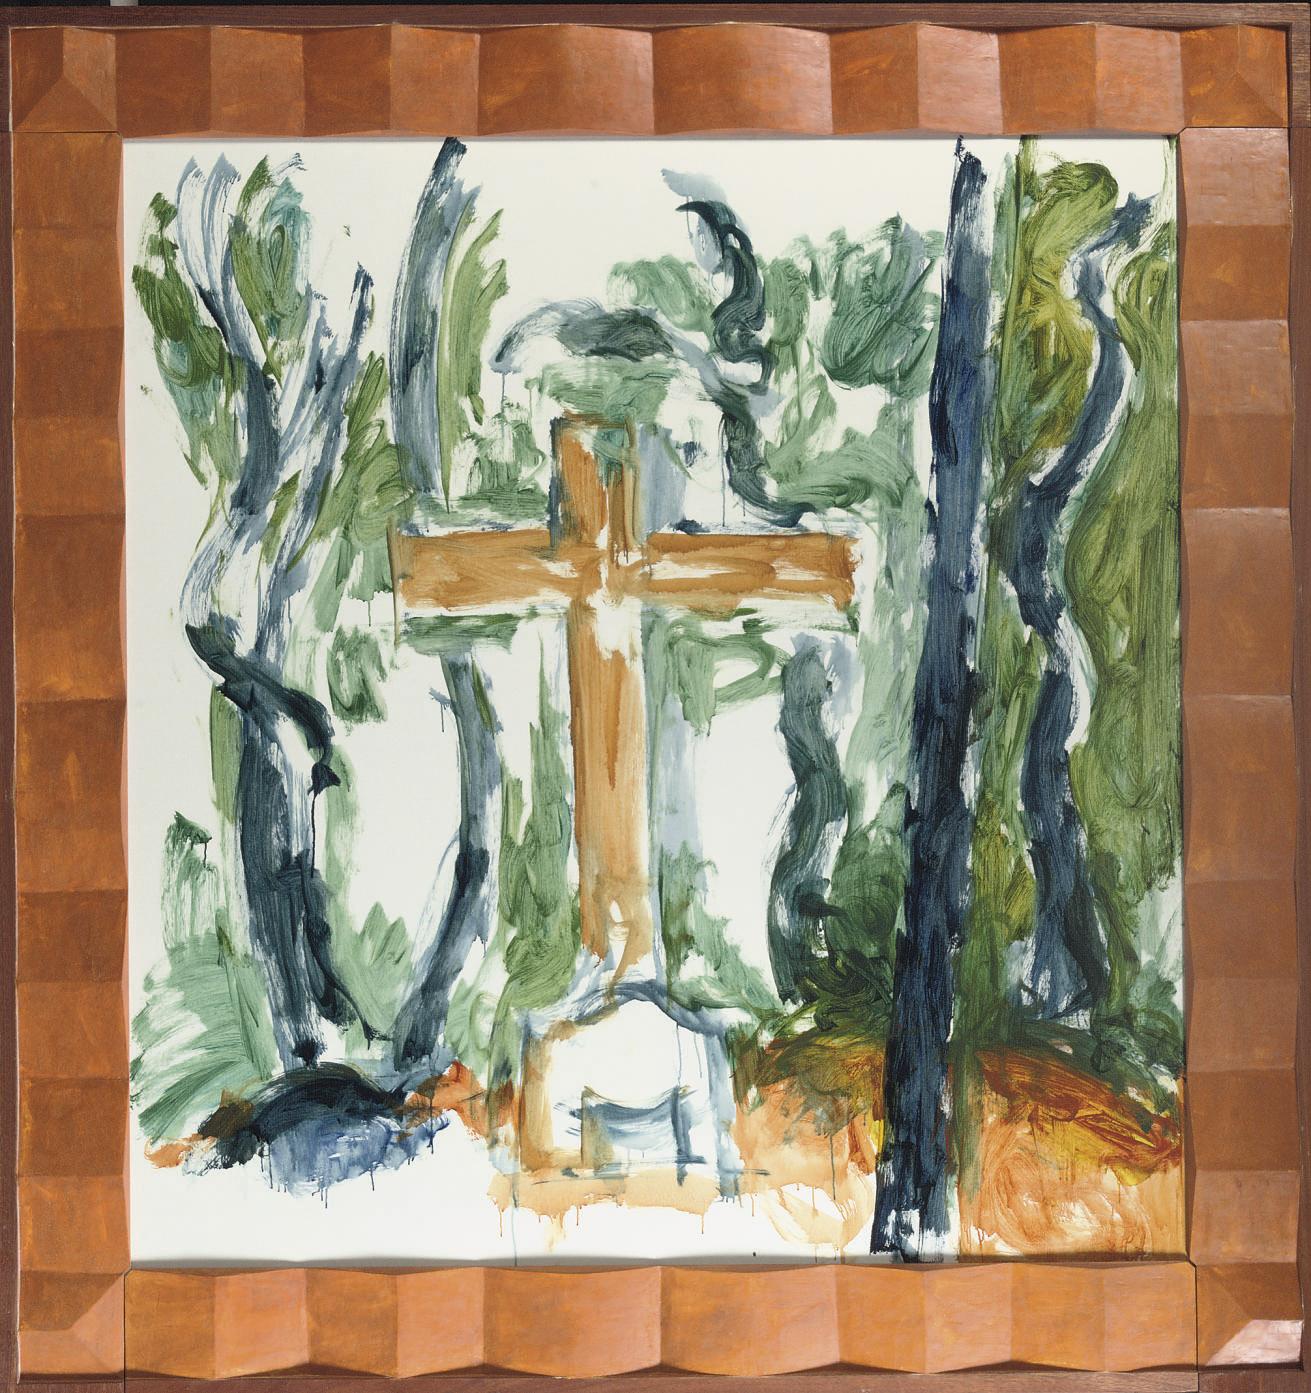 (Yellow) Cross between trees